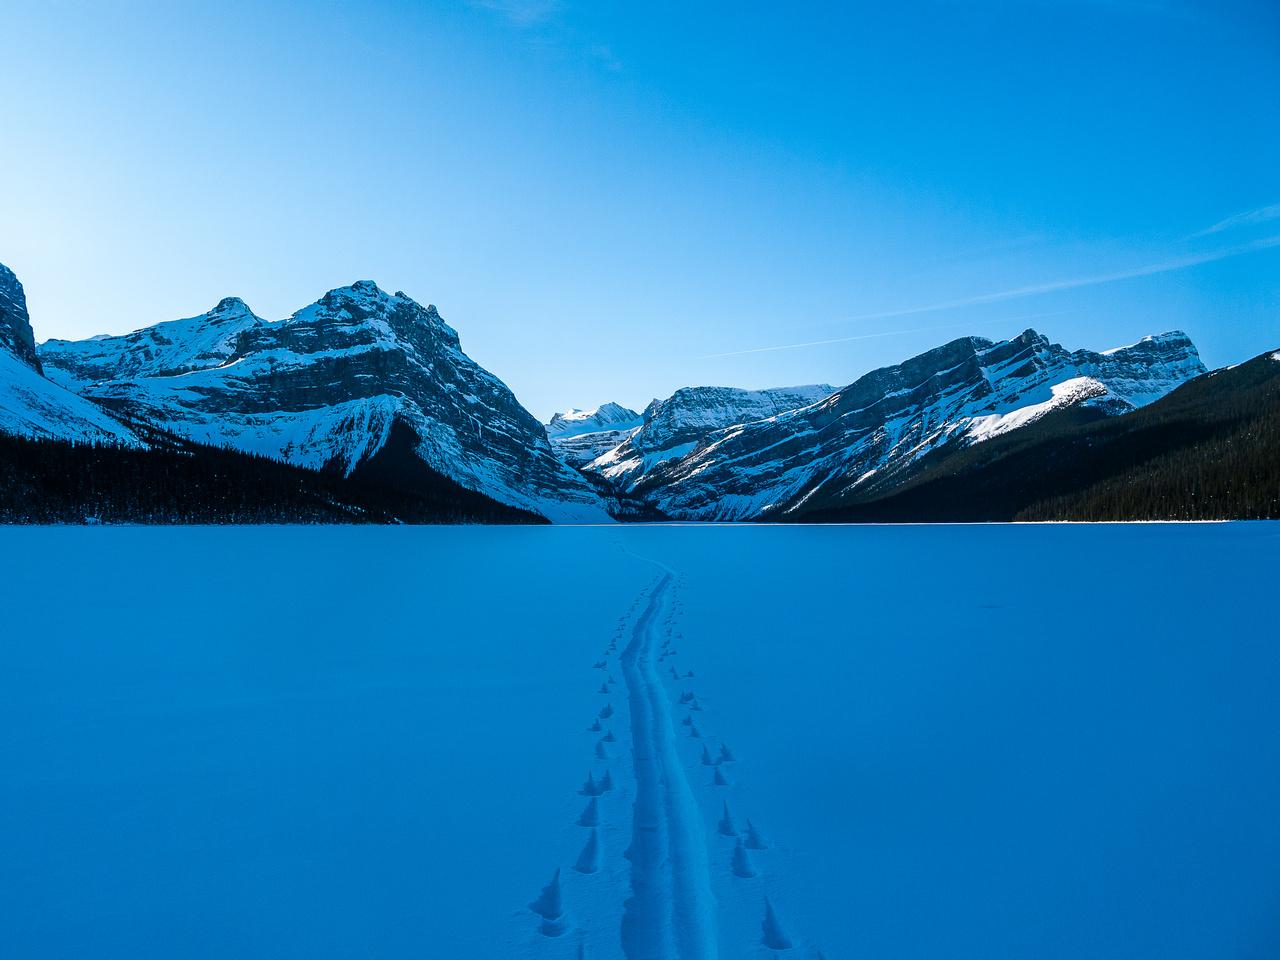 Skiing across Hector Lake - looking back.